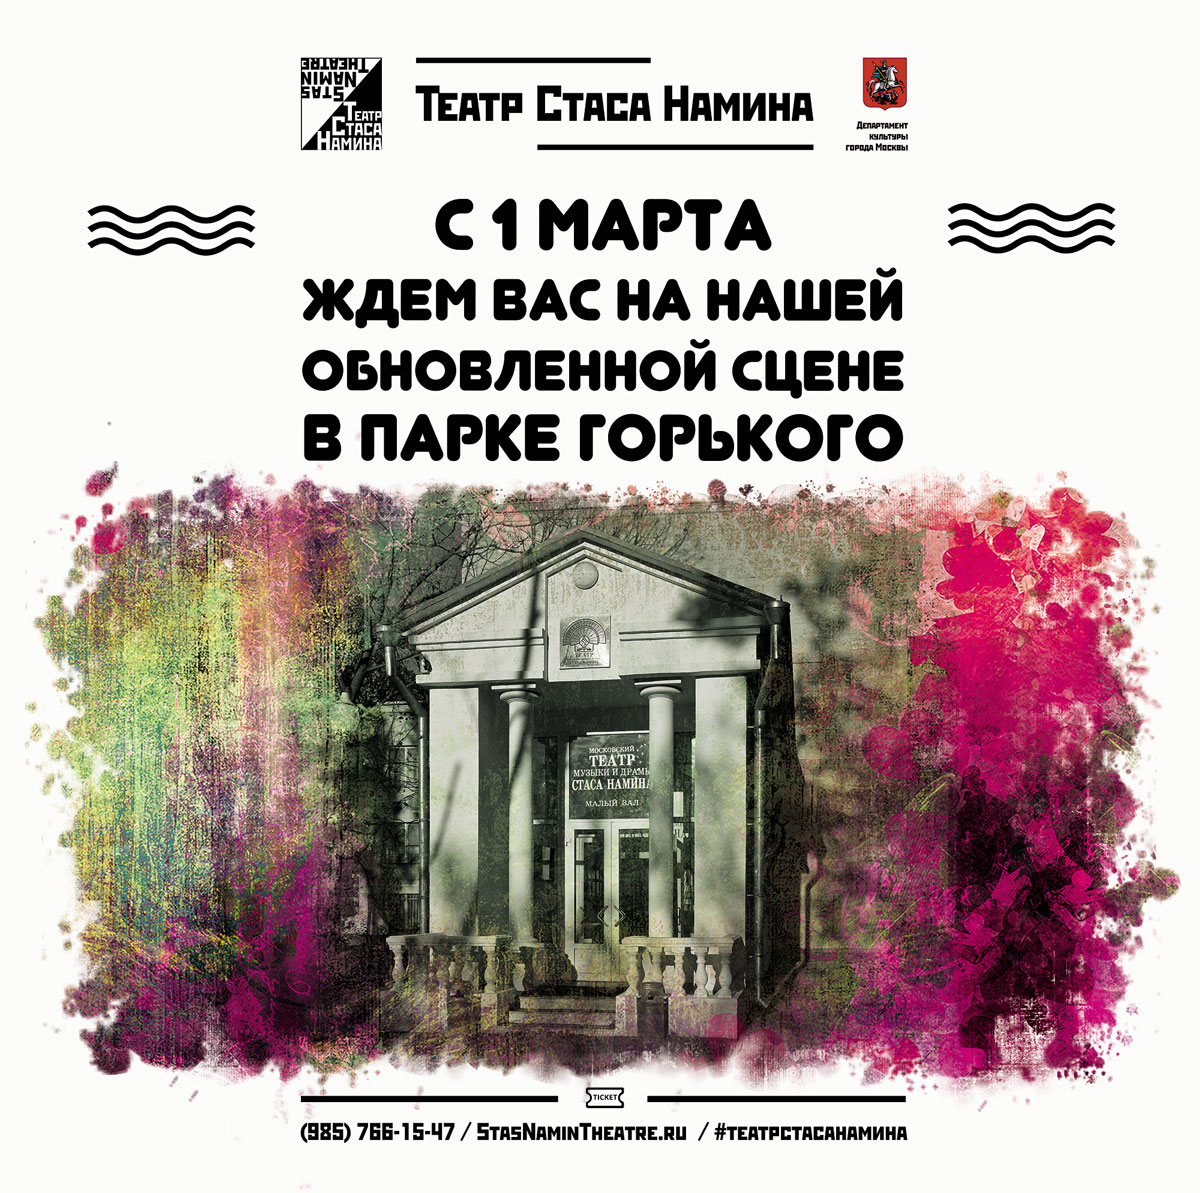 С радостью сообщаем вам, что с первого марта спектакли театра Стаса Намина возвращаются на родную сцену — в Зеленый театр Парка Горького.